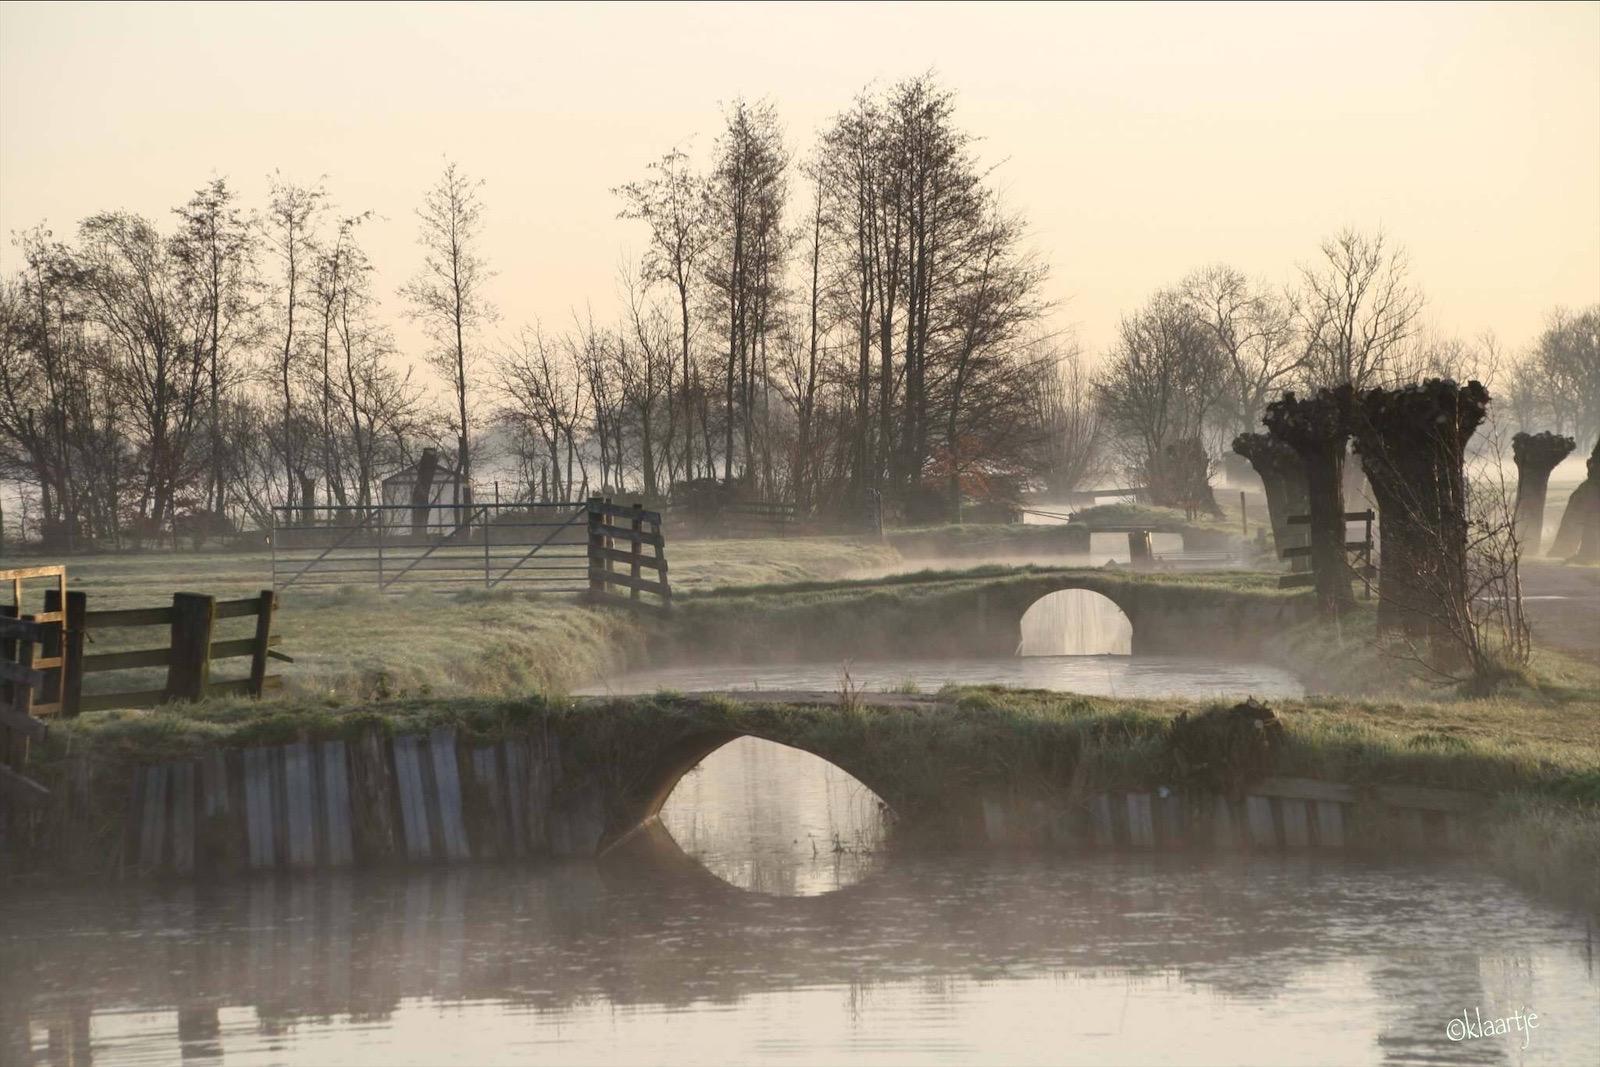 Klazina Van Den Herik 4